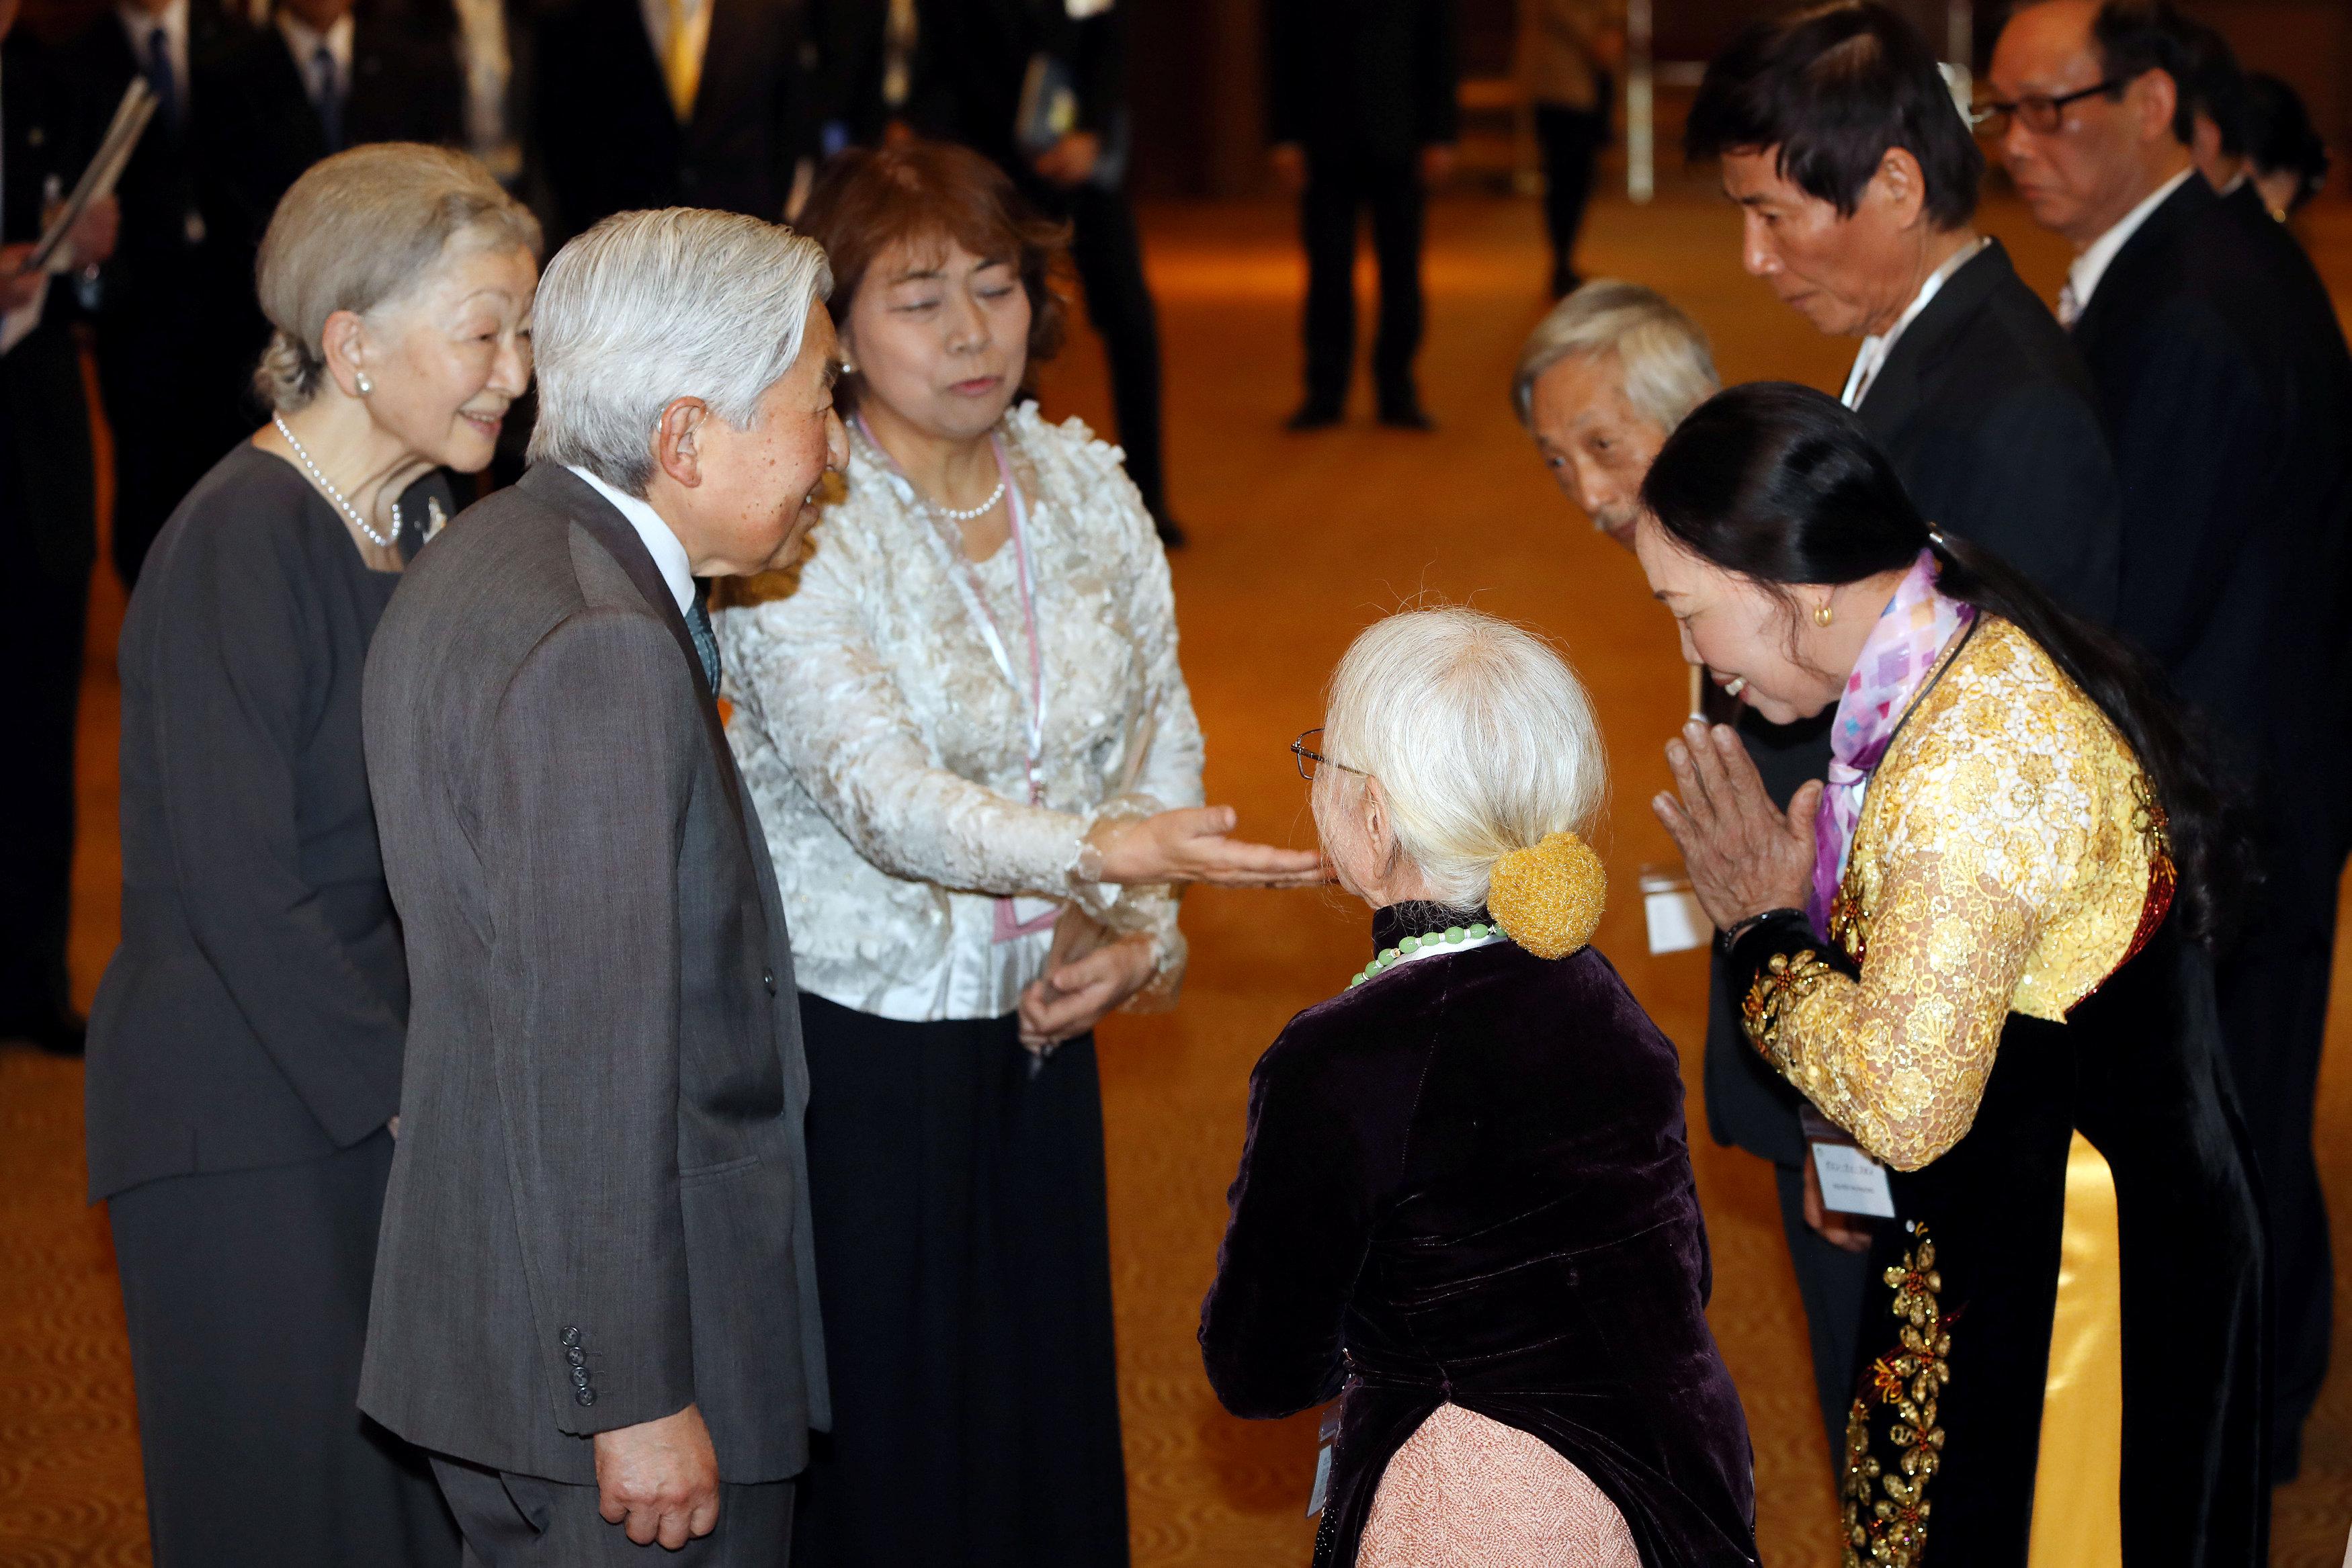 امبراطور اليابان اكيهيتو والامبراطورة ميتشيكو مع أفراد أسر  قدامى المحاربين اليابانيين